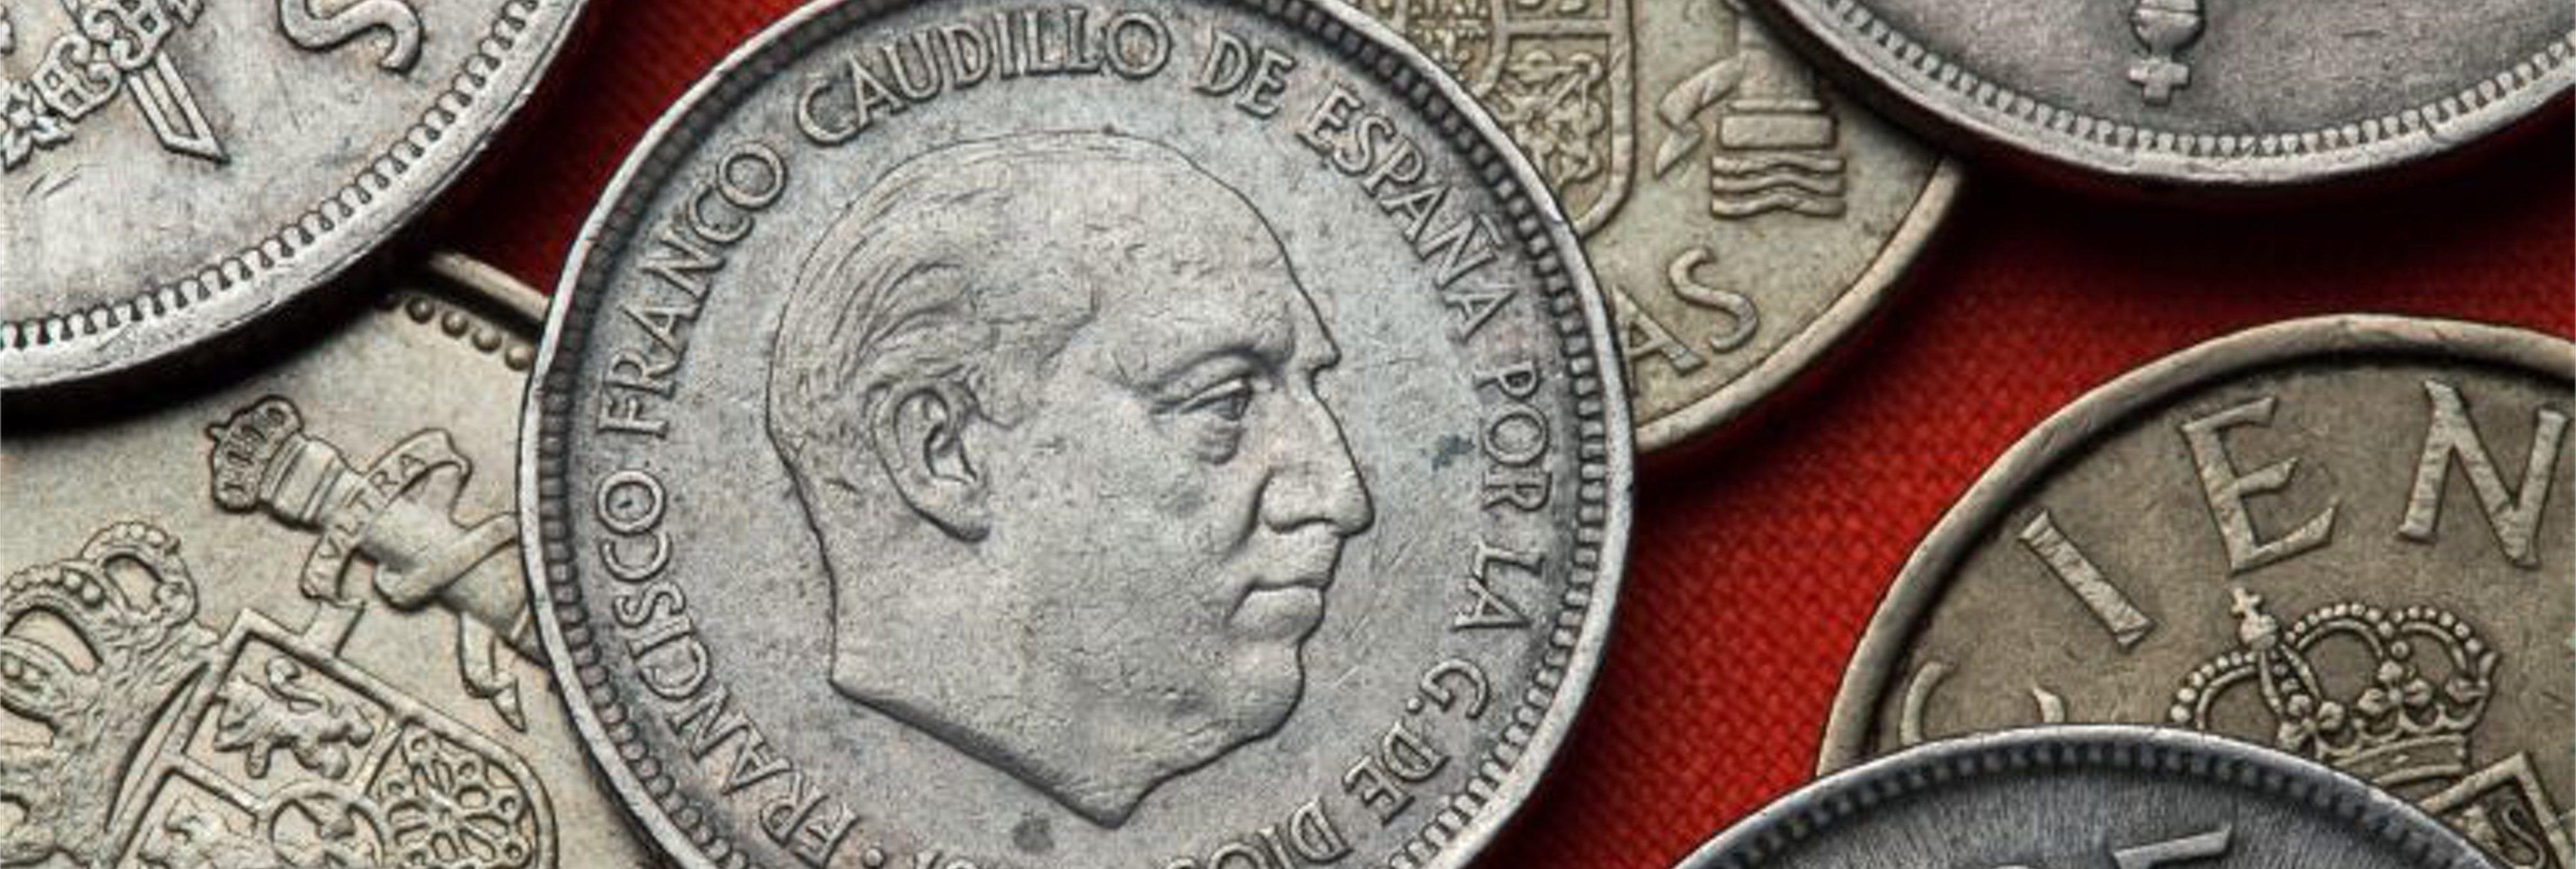 Franco ordenó modificar una moneda de peseta para salir más guapo